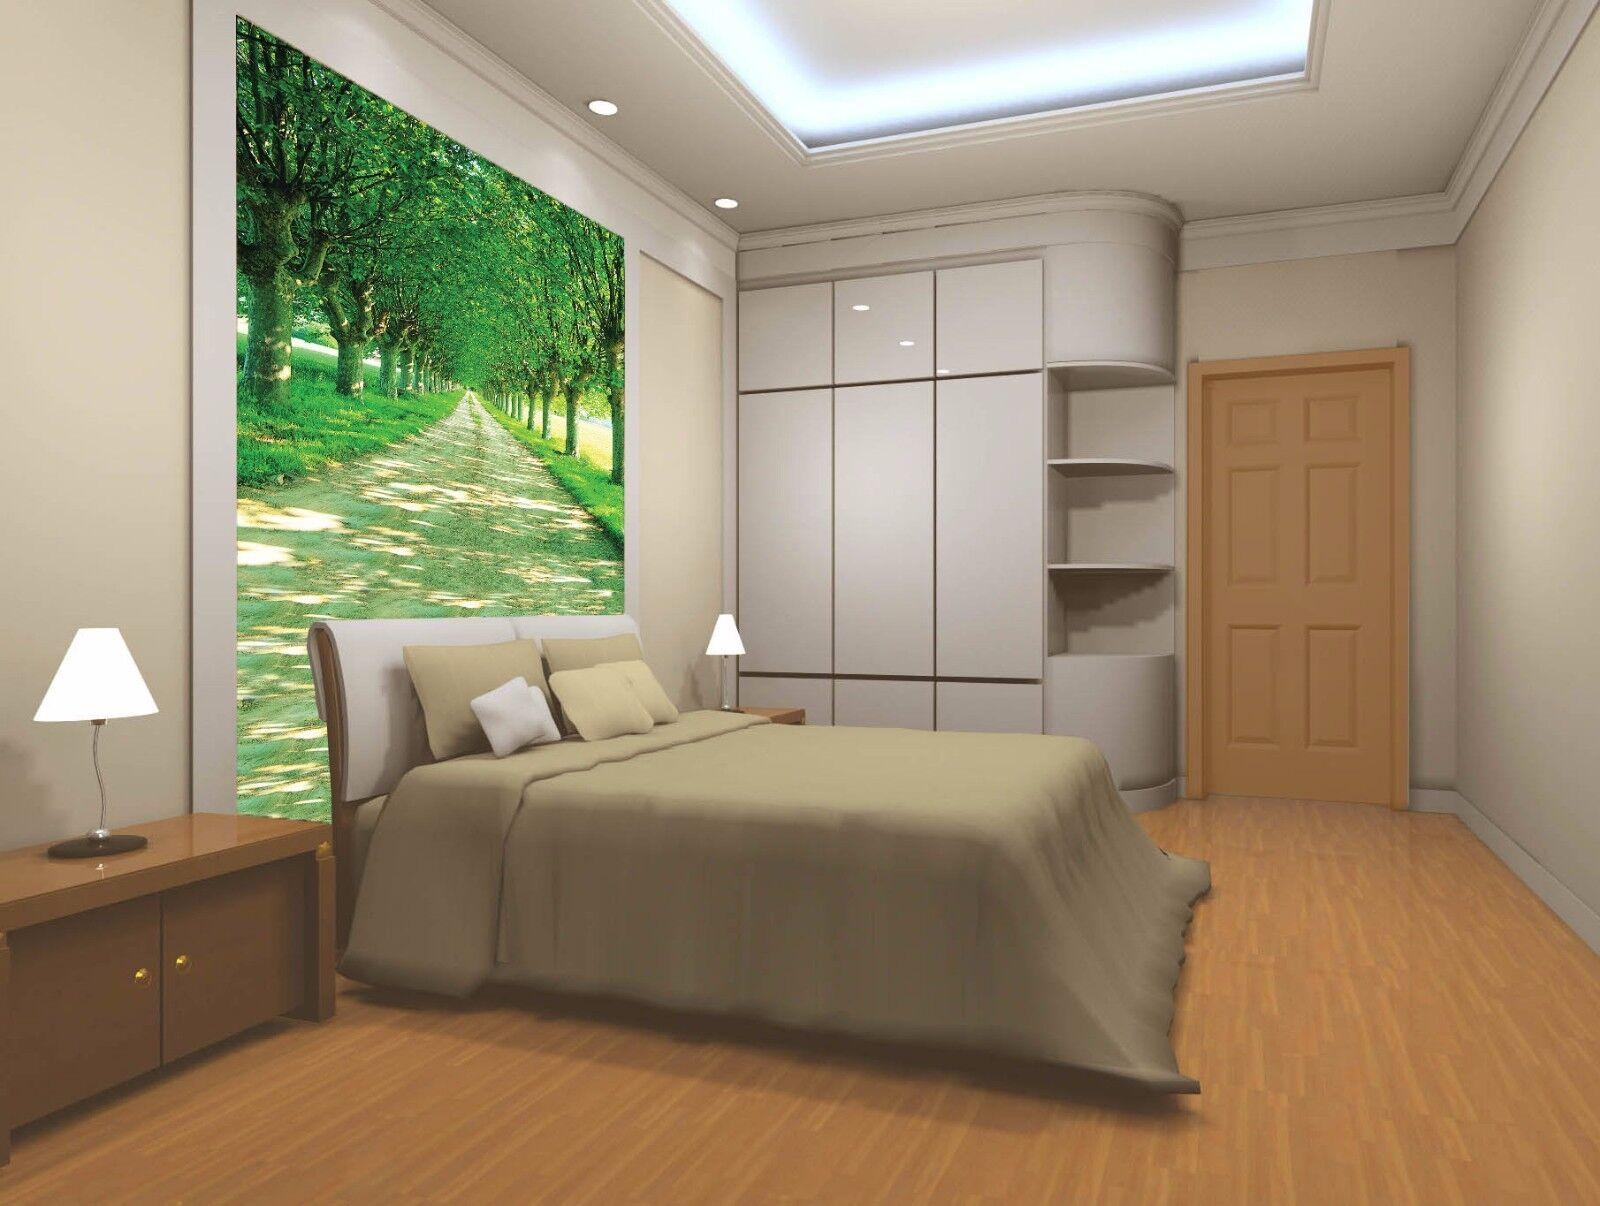 3D Grüner Baum Allee 99 Tapete Wandgemälde Tapete Tapeten Bild Familie DE Summer